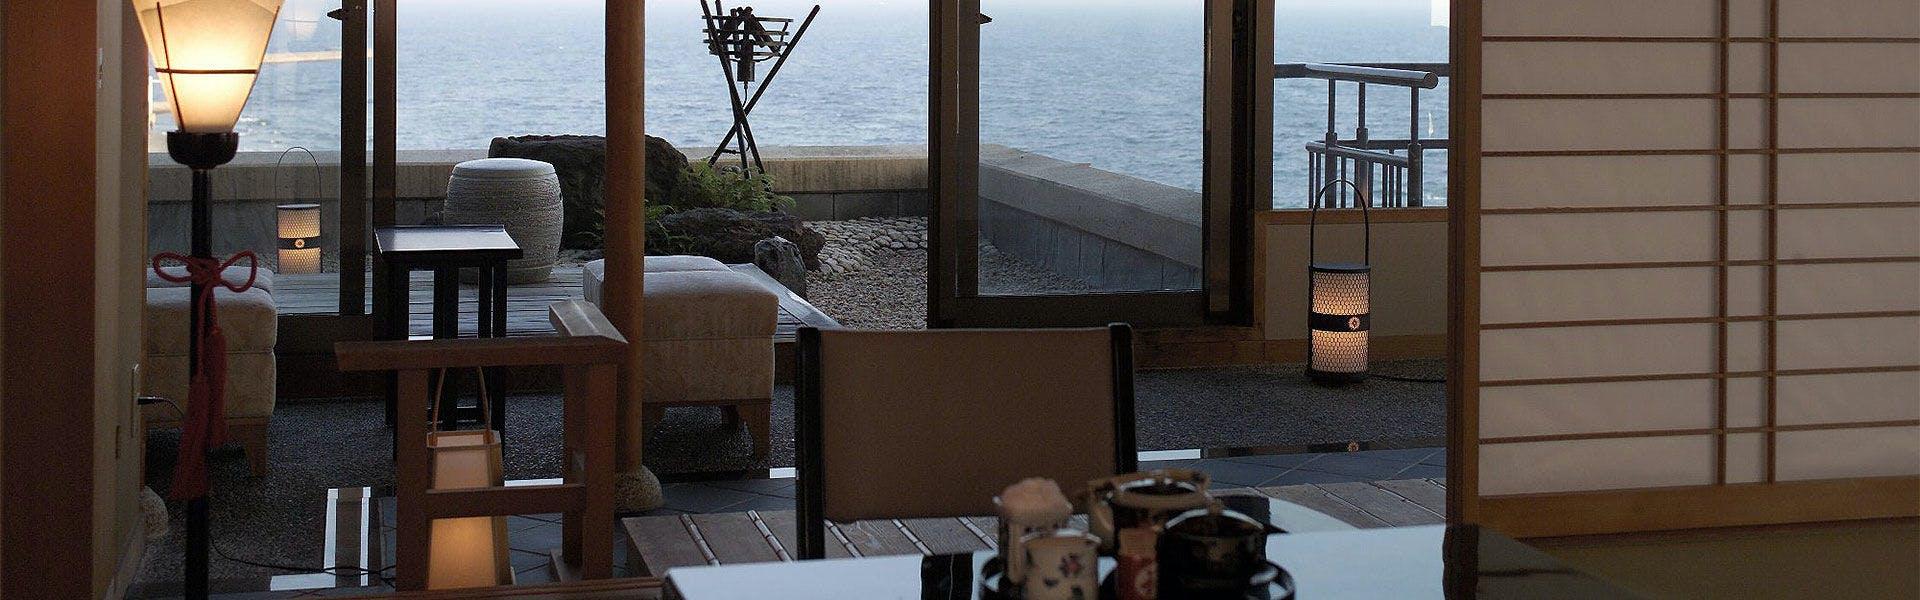 記念日におすすめのホテル・【肅 海風】の写真2